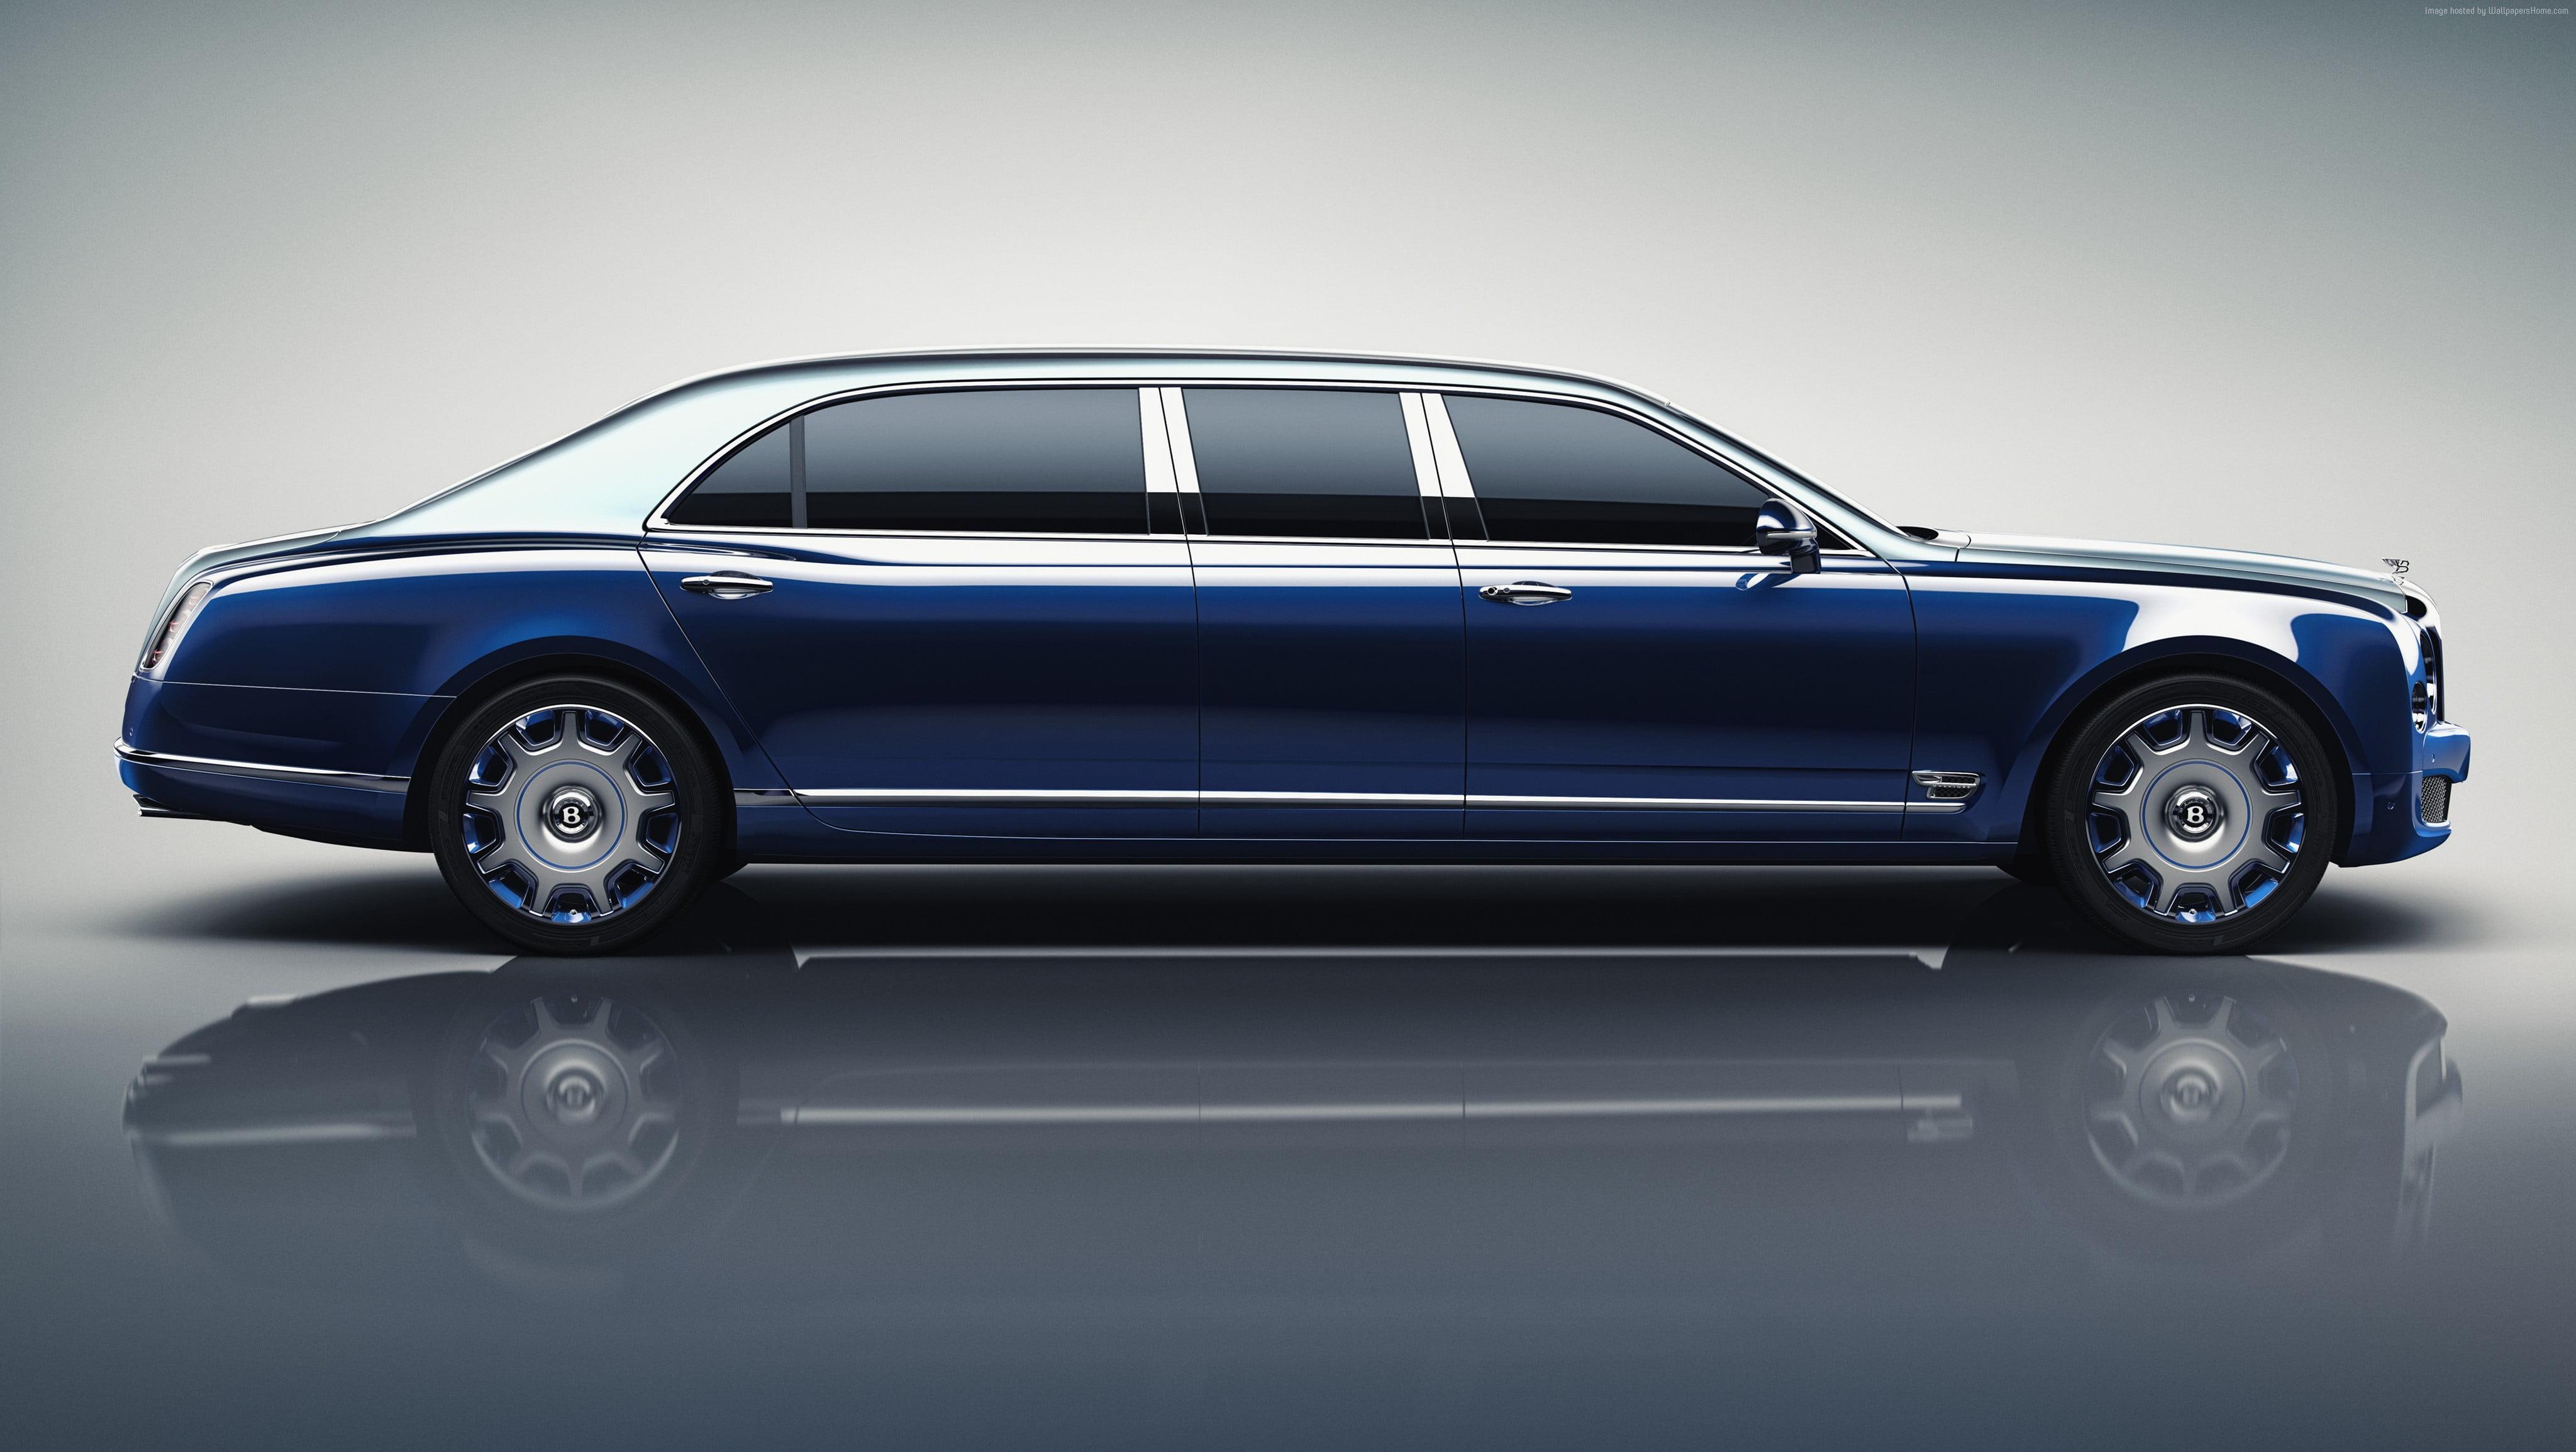 Blue Rolls Royce limousine HD wallpaper Wallpaper Flare 4096x2308